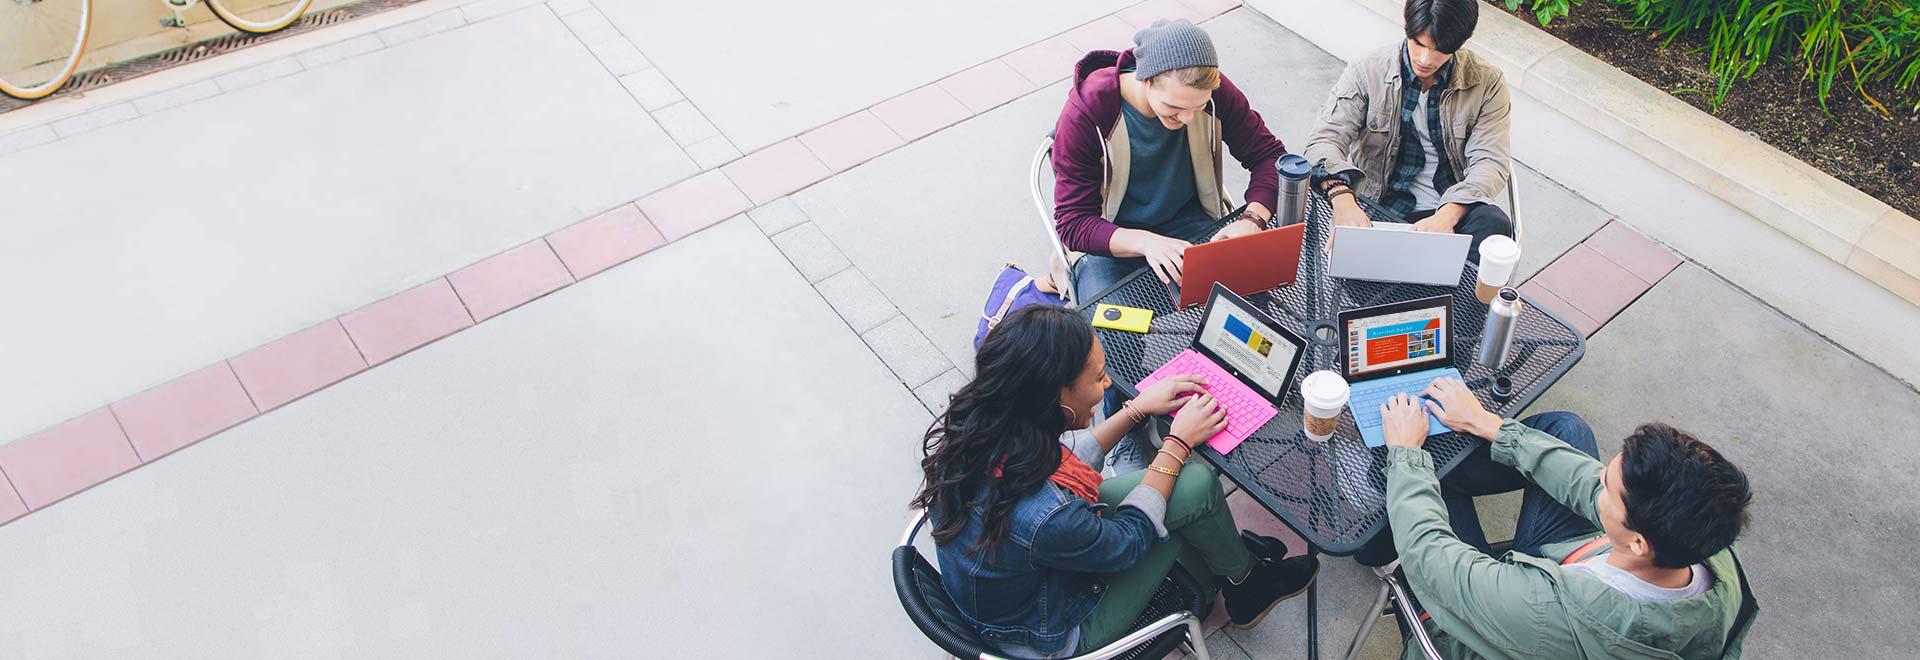 """Keturi lauke prie stalo sėdintys studentai, naudojantys """"Office 365 Education"""" planšetiniuose kompiuteriuose."""